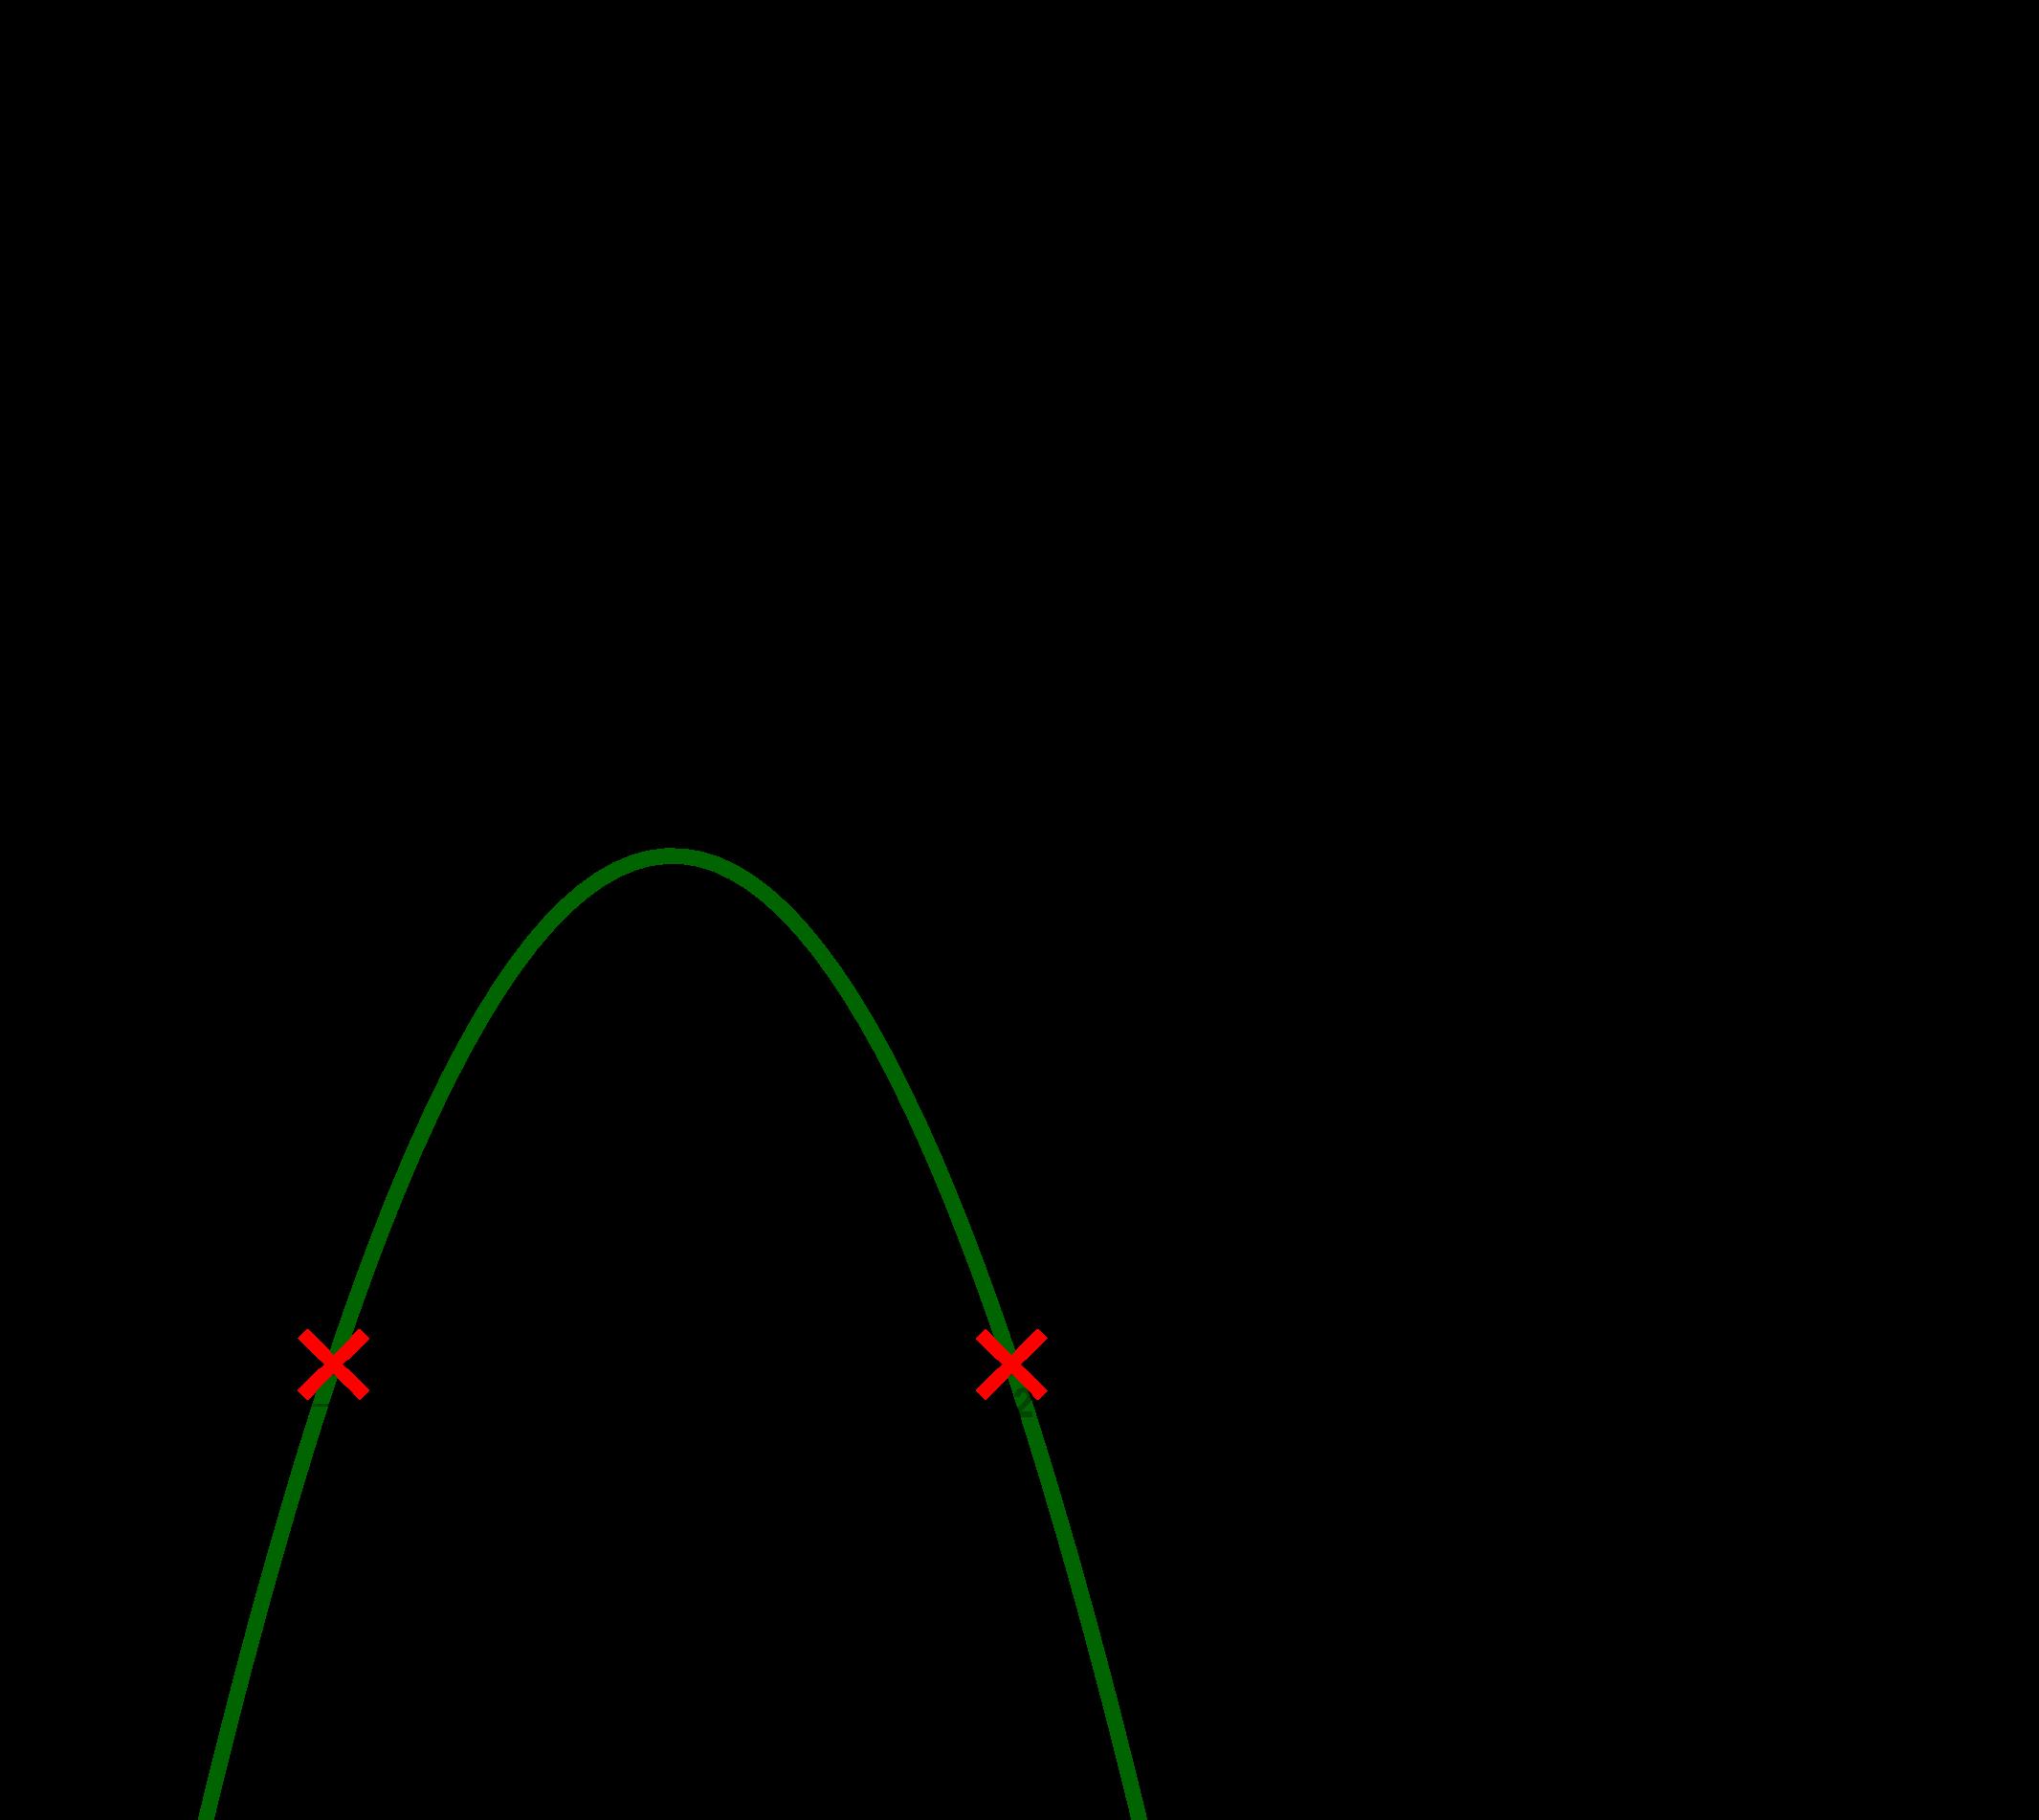 Funktion g(x) mit den Nullstellen x=-5 und x=-2